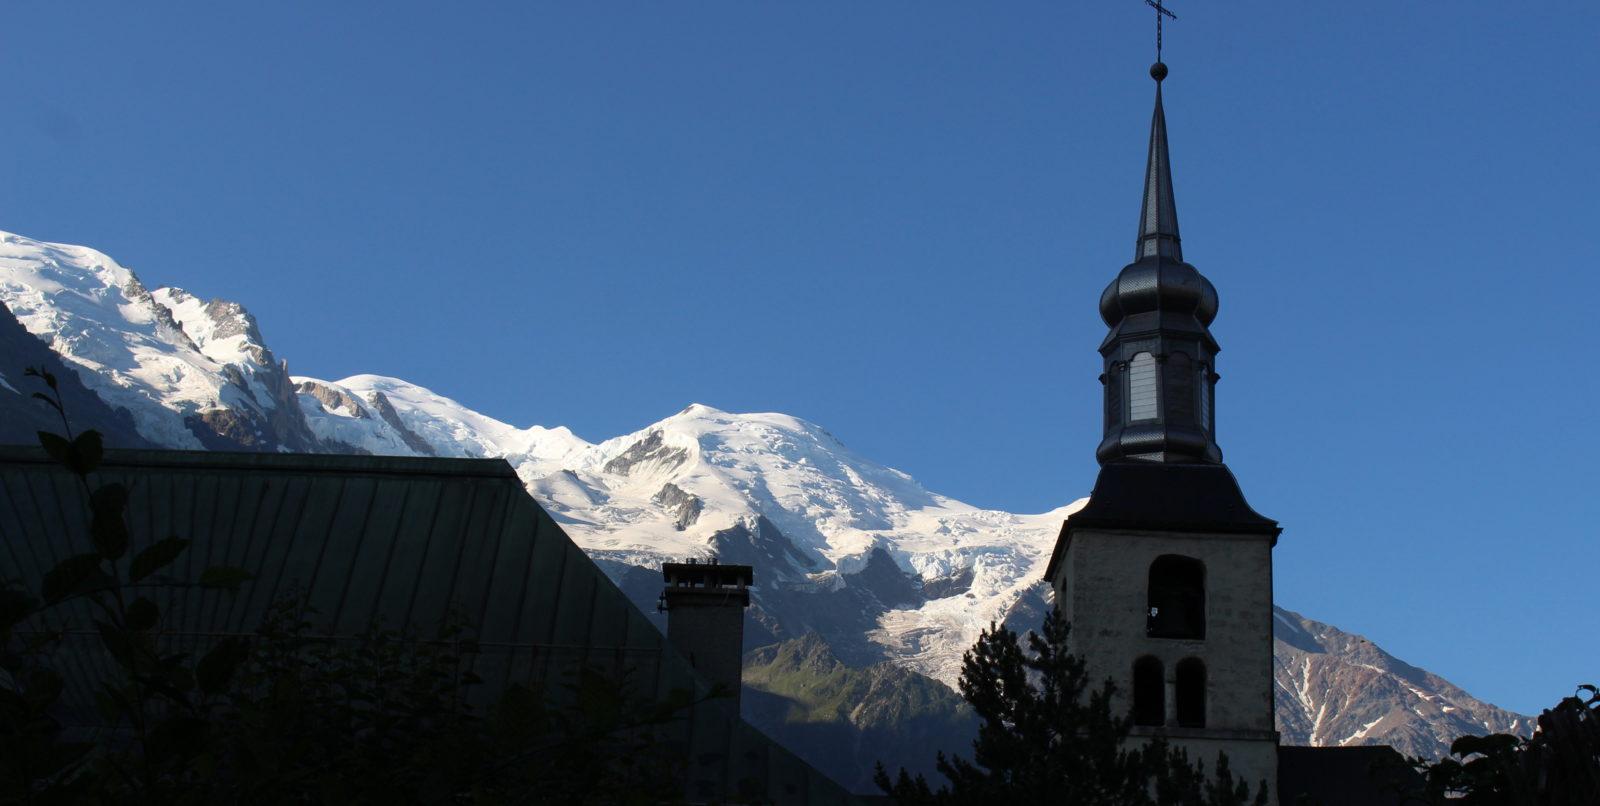 Chamonix clocher de l'église